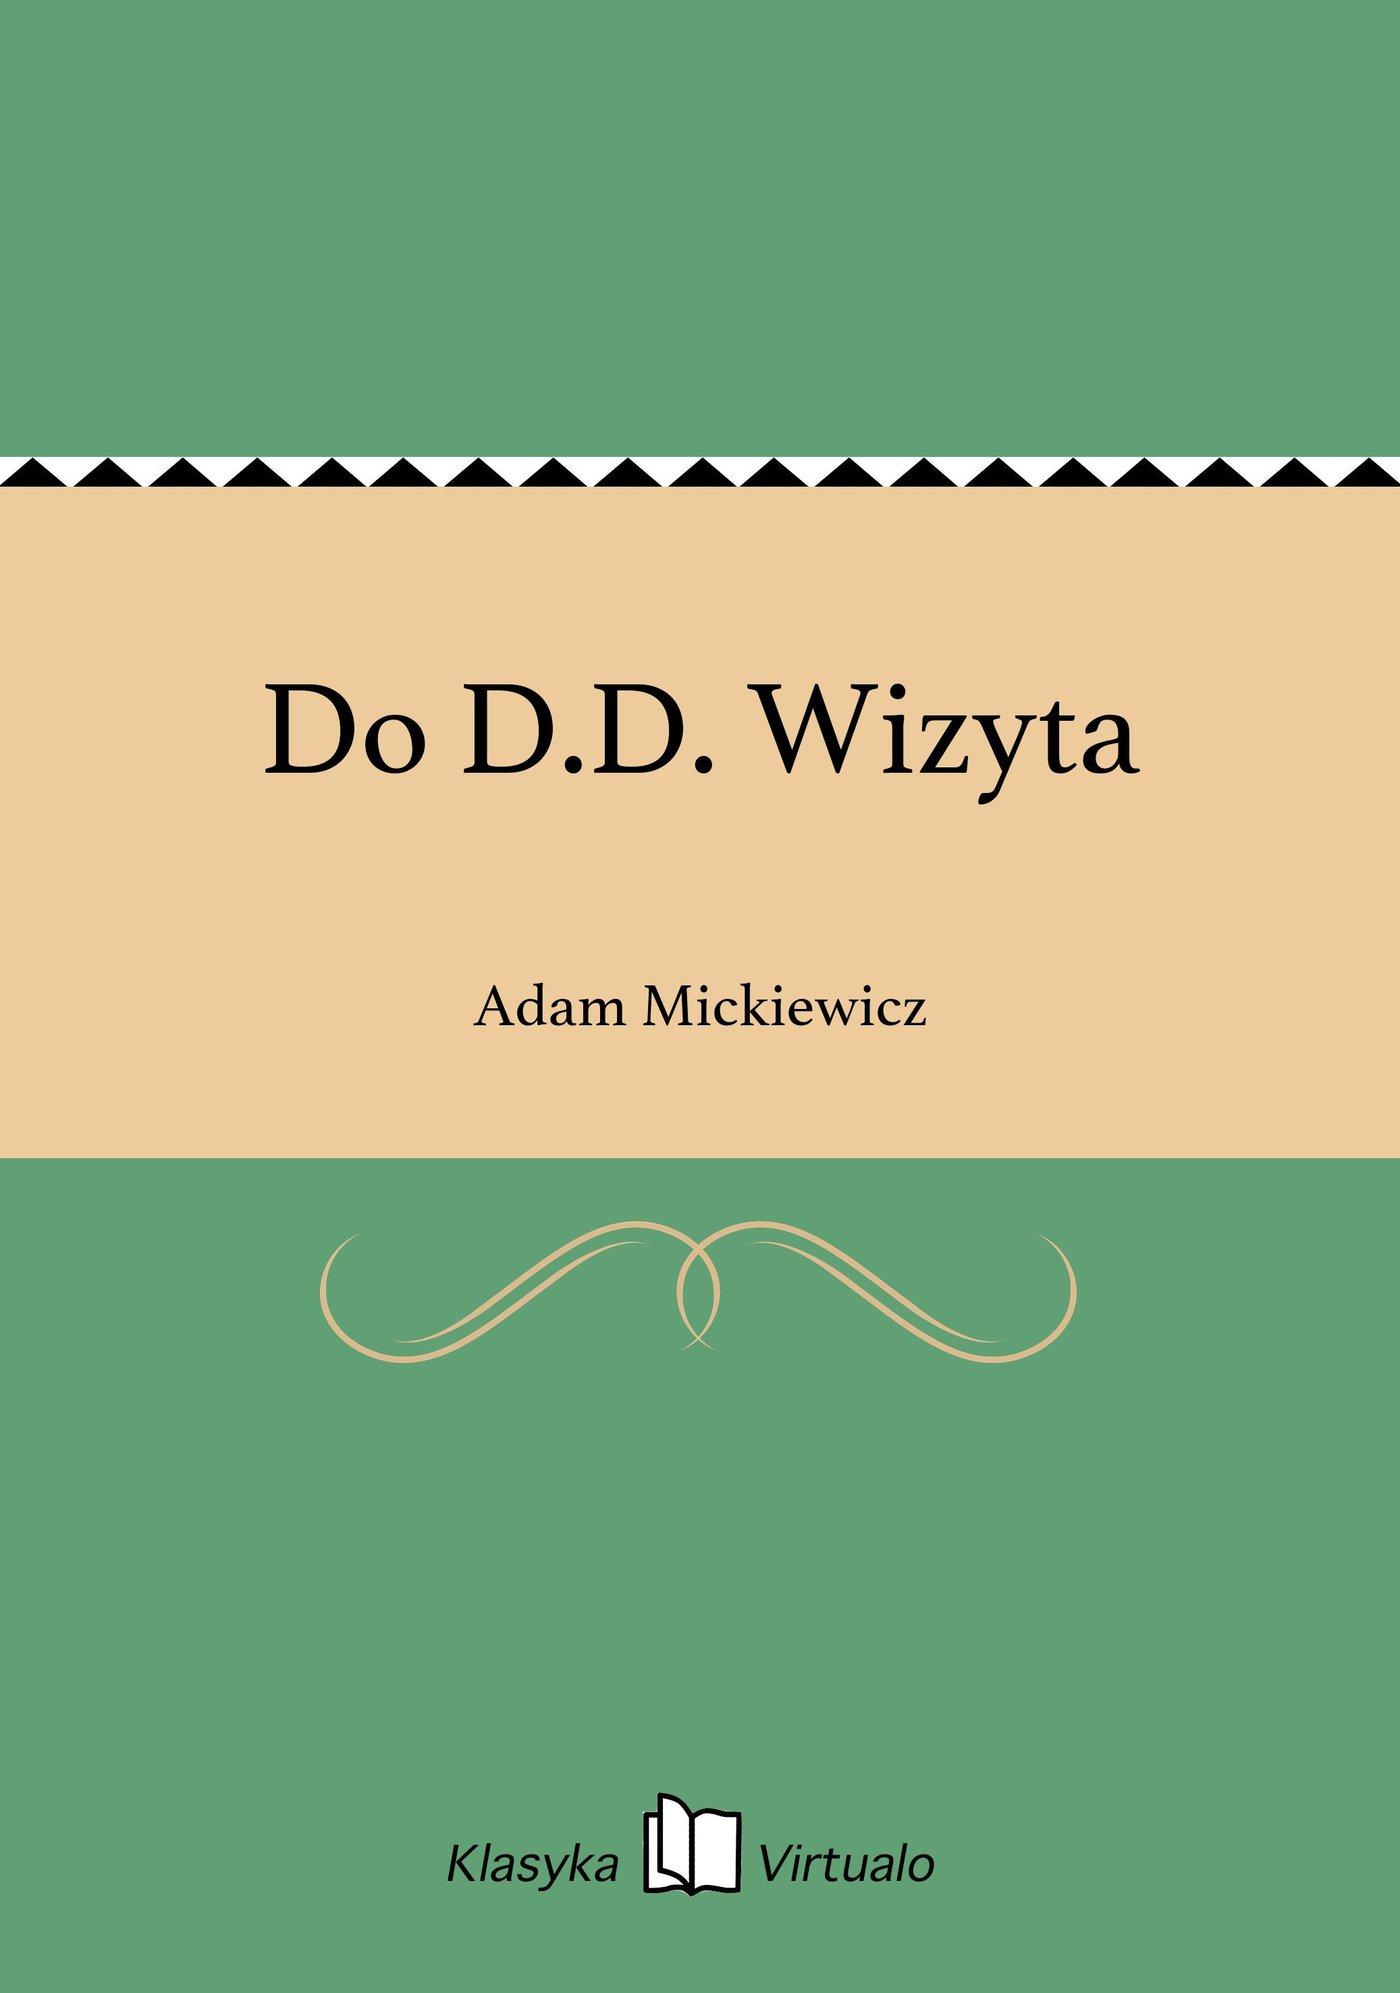 Do D.D. Wizyta - Ebook (Książka na Kindle) do pobrania w formacie MOBI